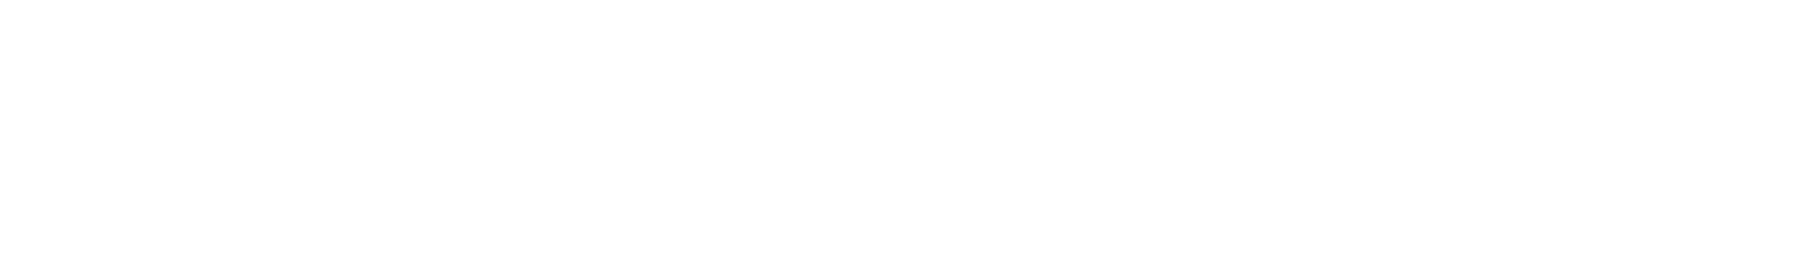 ehp percloop 127 22